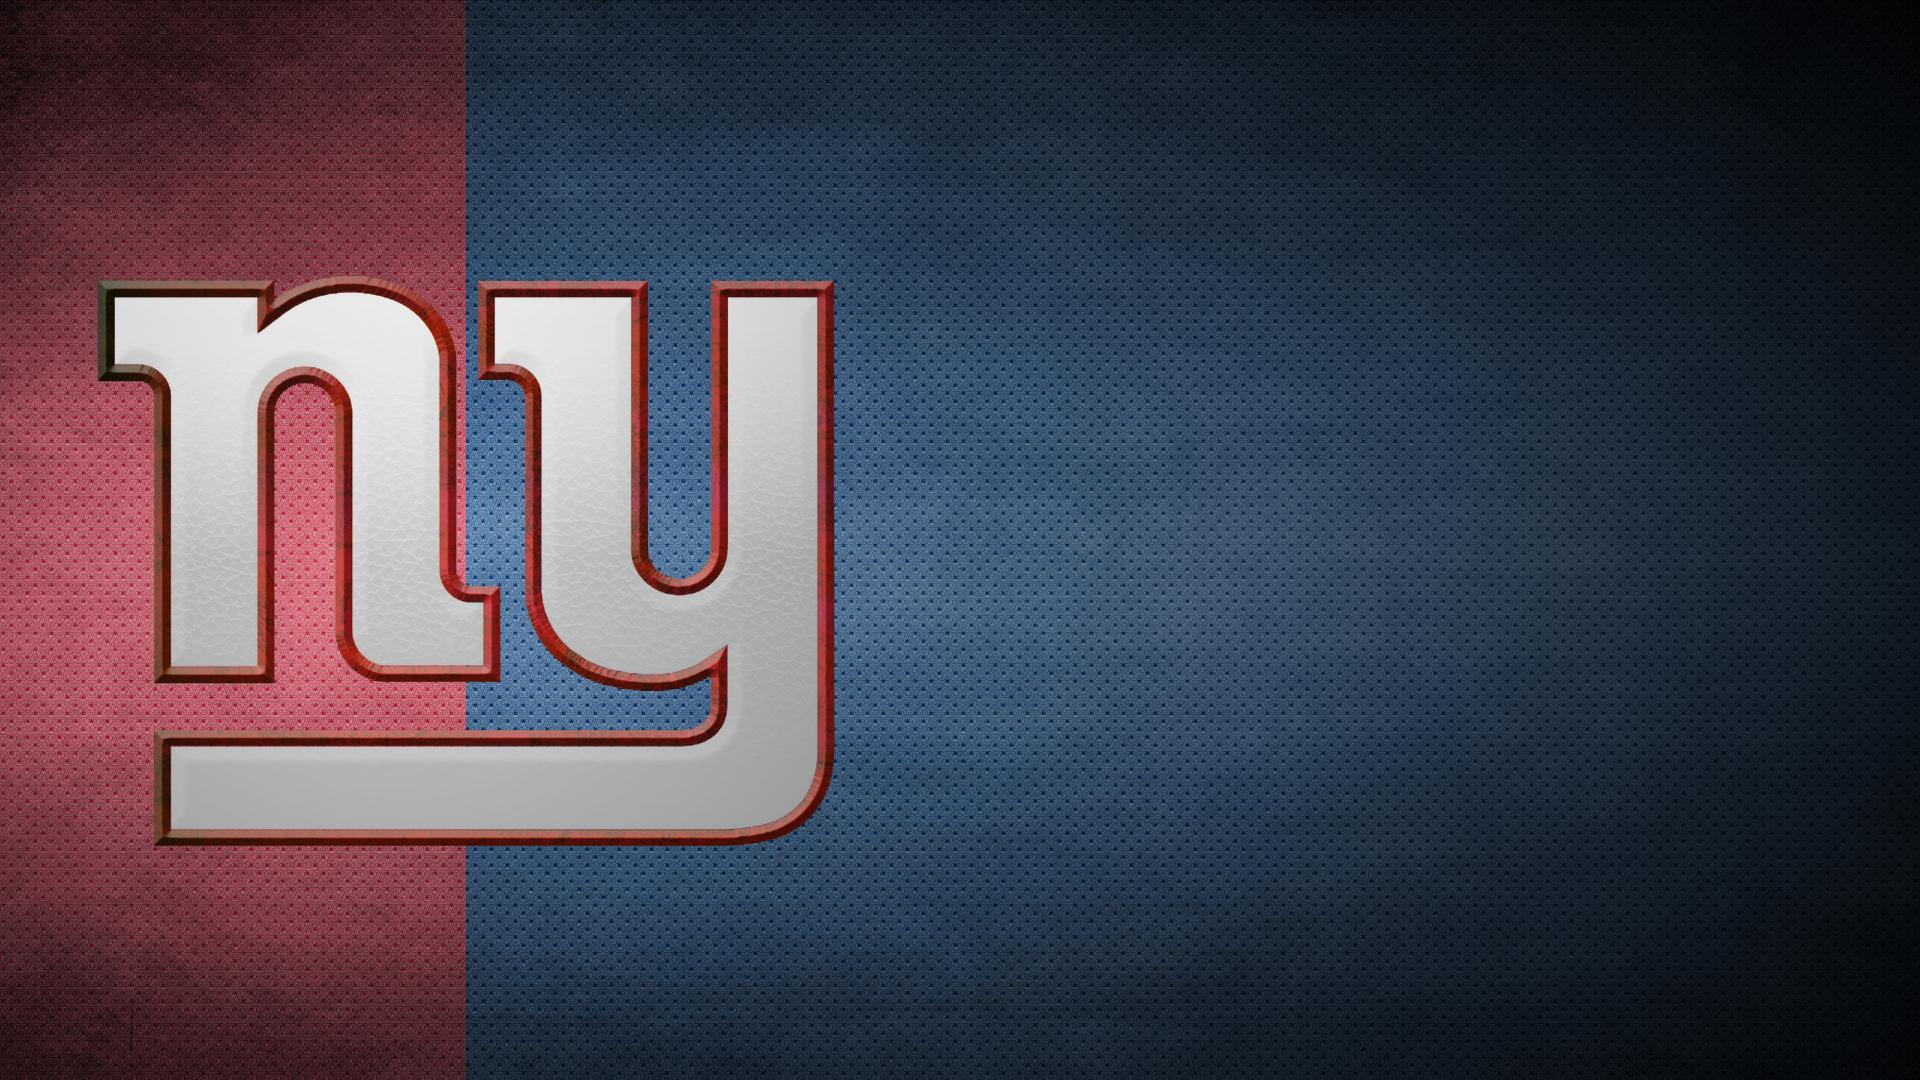 New York Giants For Desktop